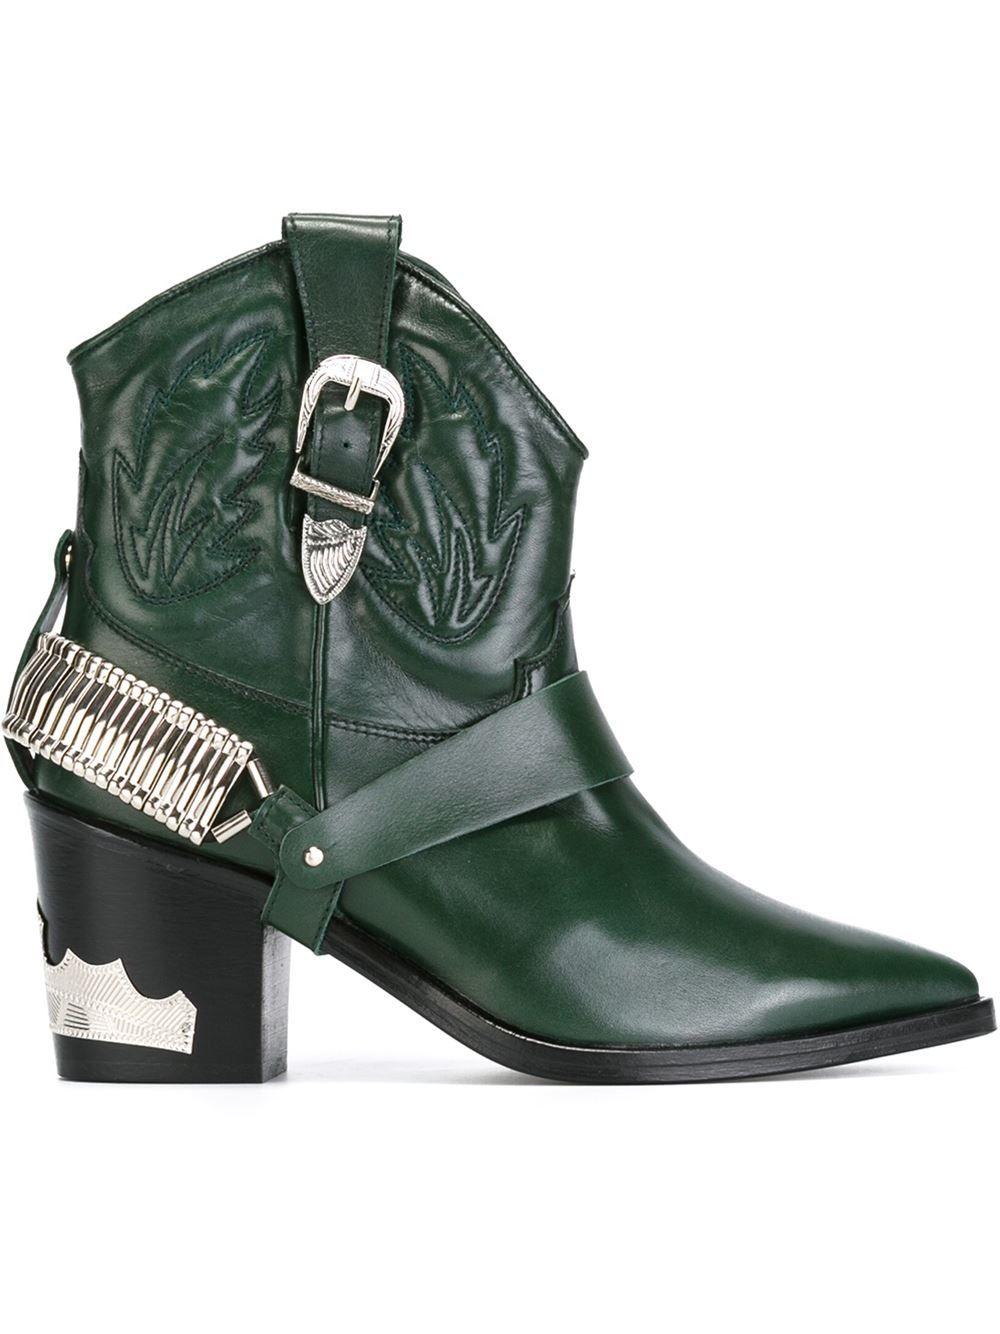 Popular Toga Pulla cowboy boots - Black farfetch neri Donde Puedo Ordenar Para Barato En Línea Barata Pagar Con El Precio Barato Paypal 3SN9ZCJA